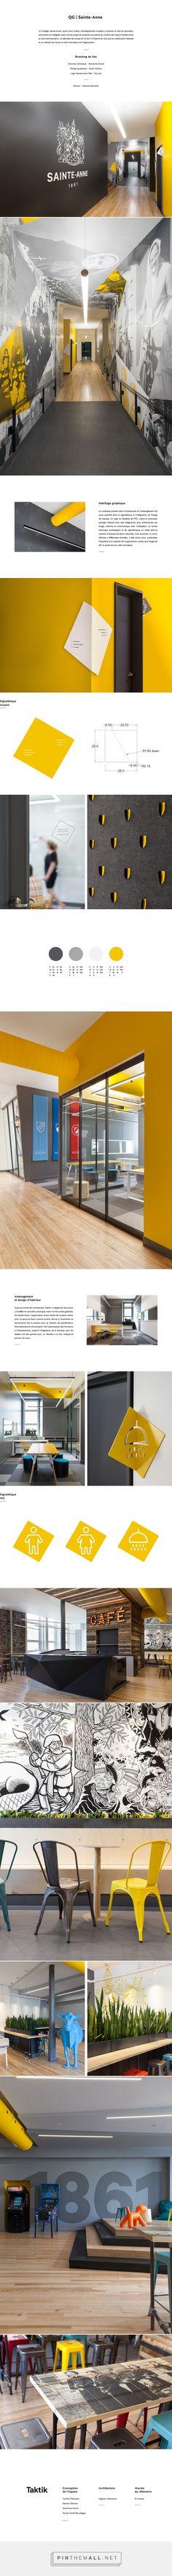 QG Sainte-Anne / signaletique/wayfinding - branding de lieu / space branding - by / par Marianne Girard & Sarah Dufour - for / pour Taktik Design